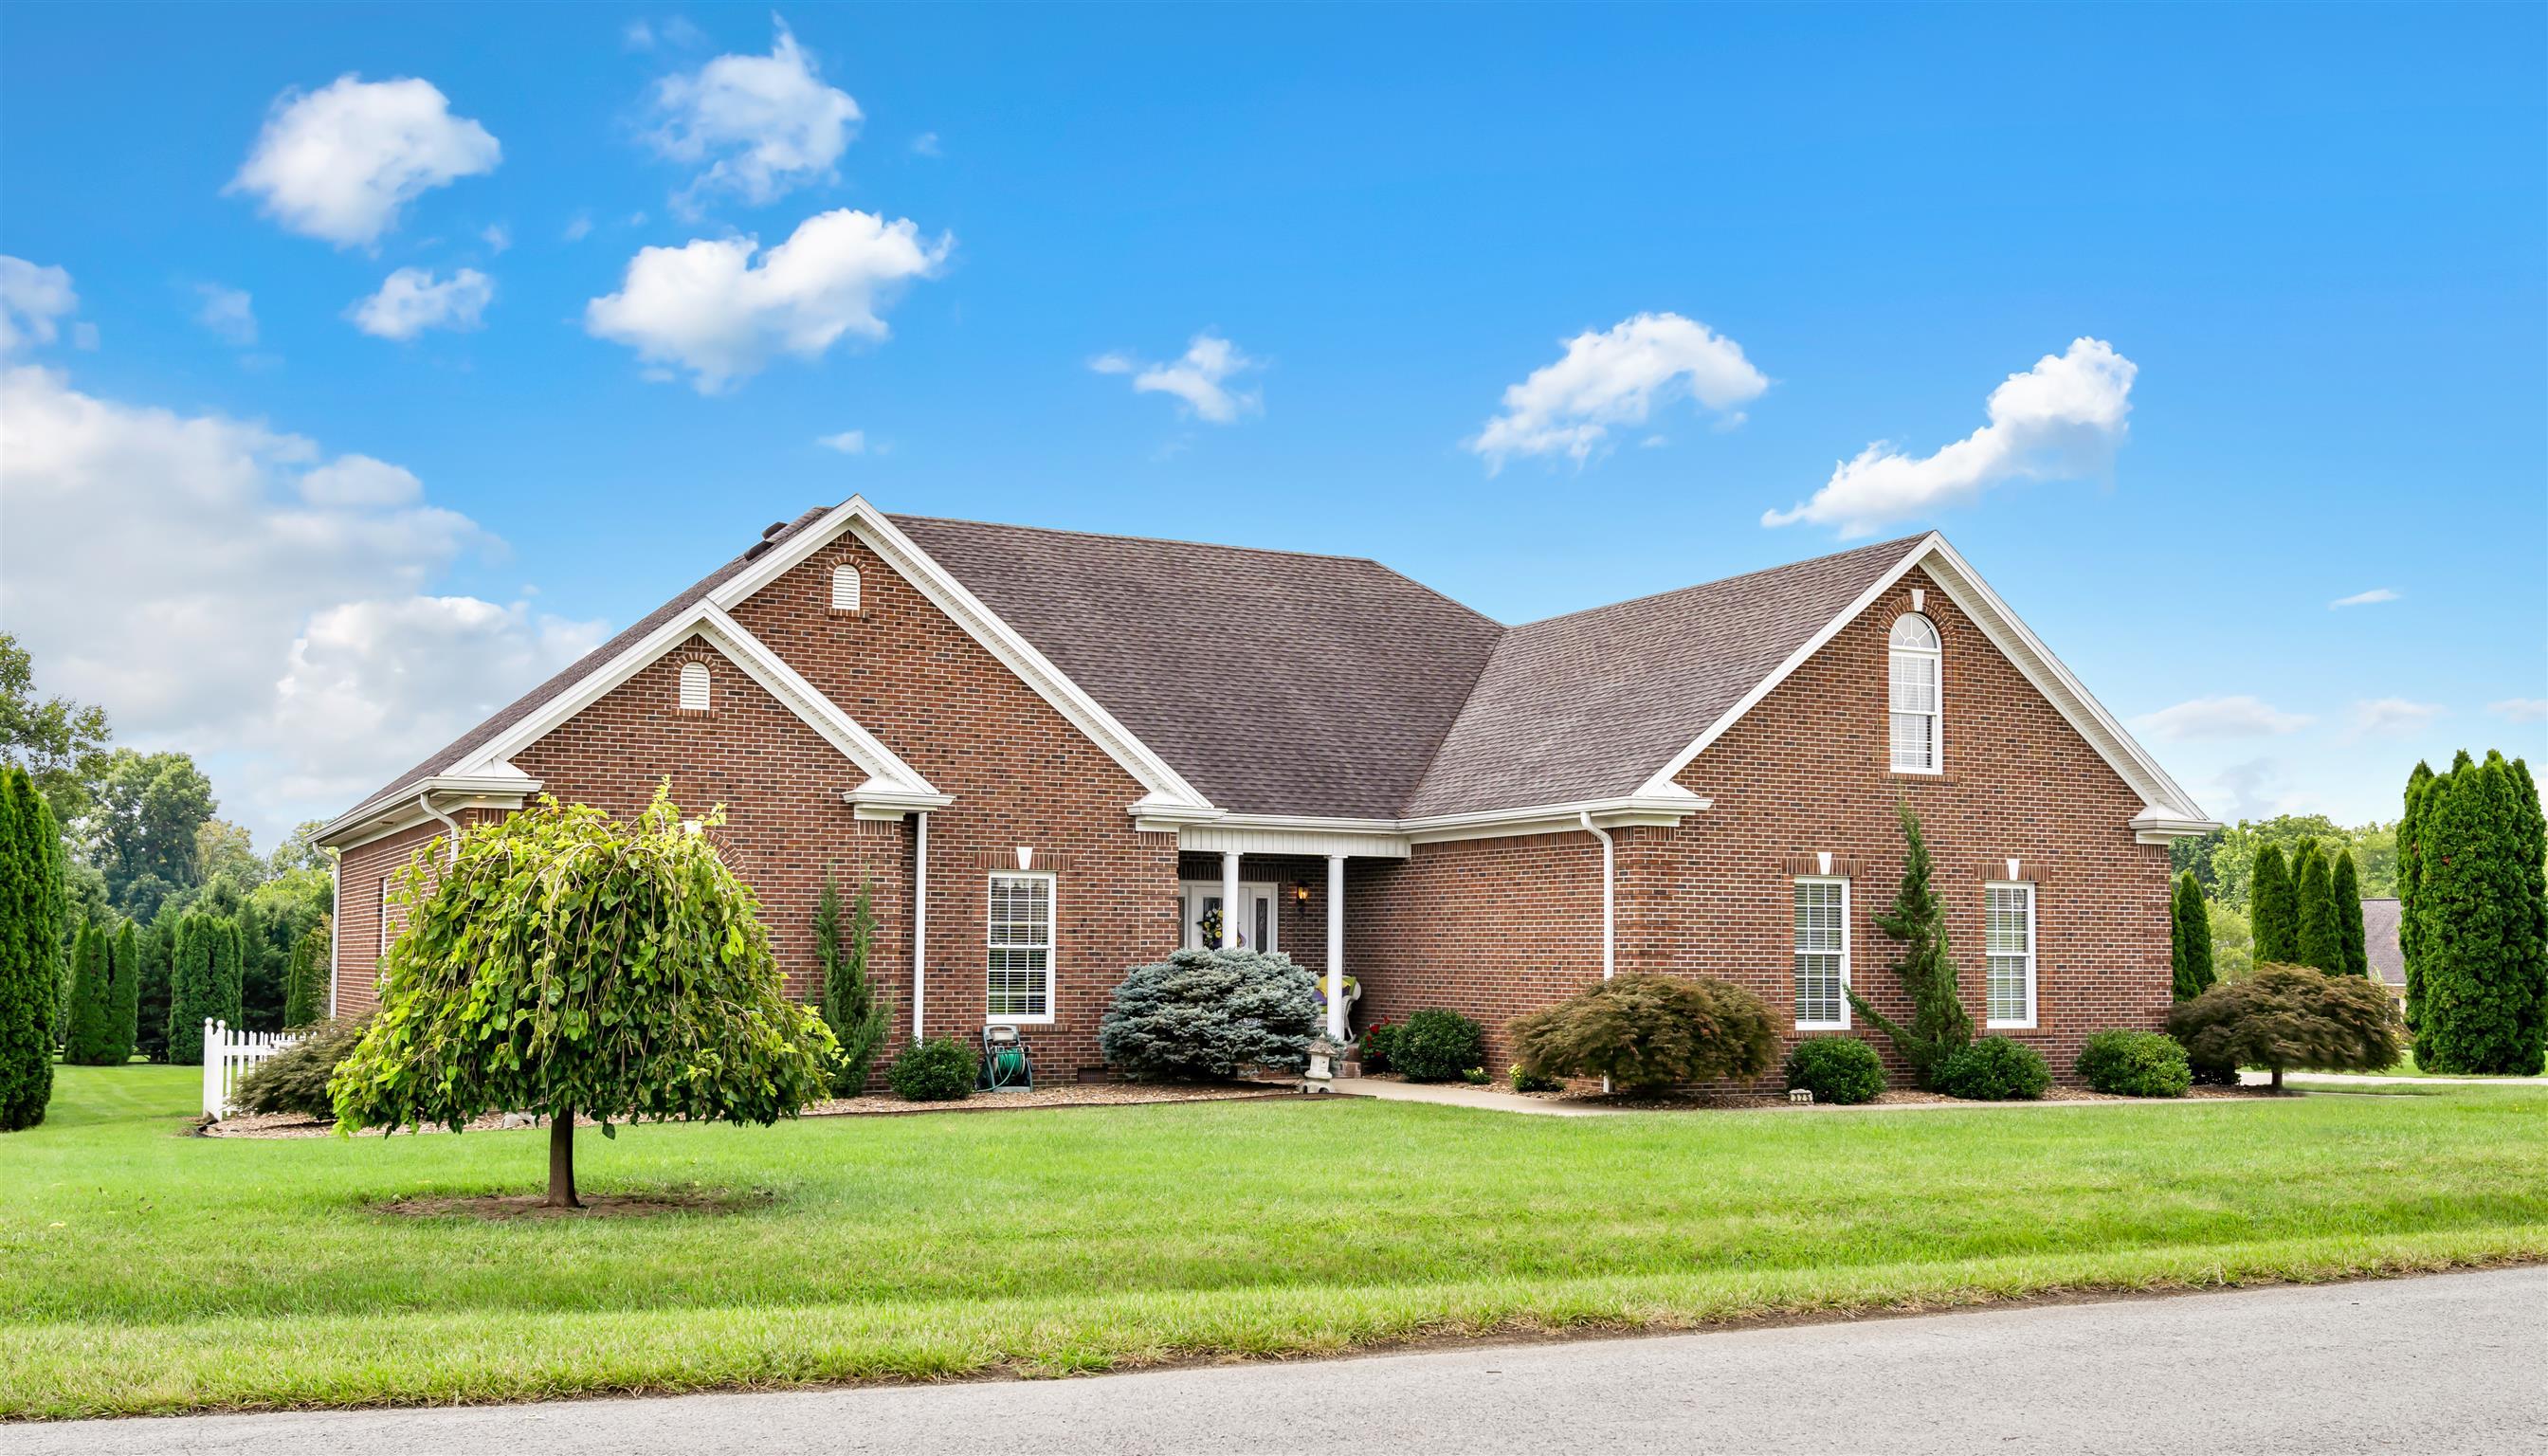 325 Juliet Dr, Hopkinsville, KY 42240 - Hopkinsville, KY real estate listing